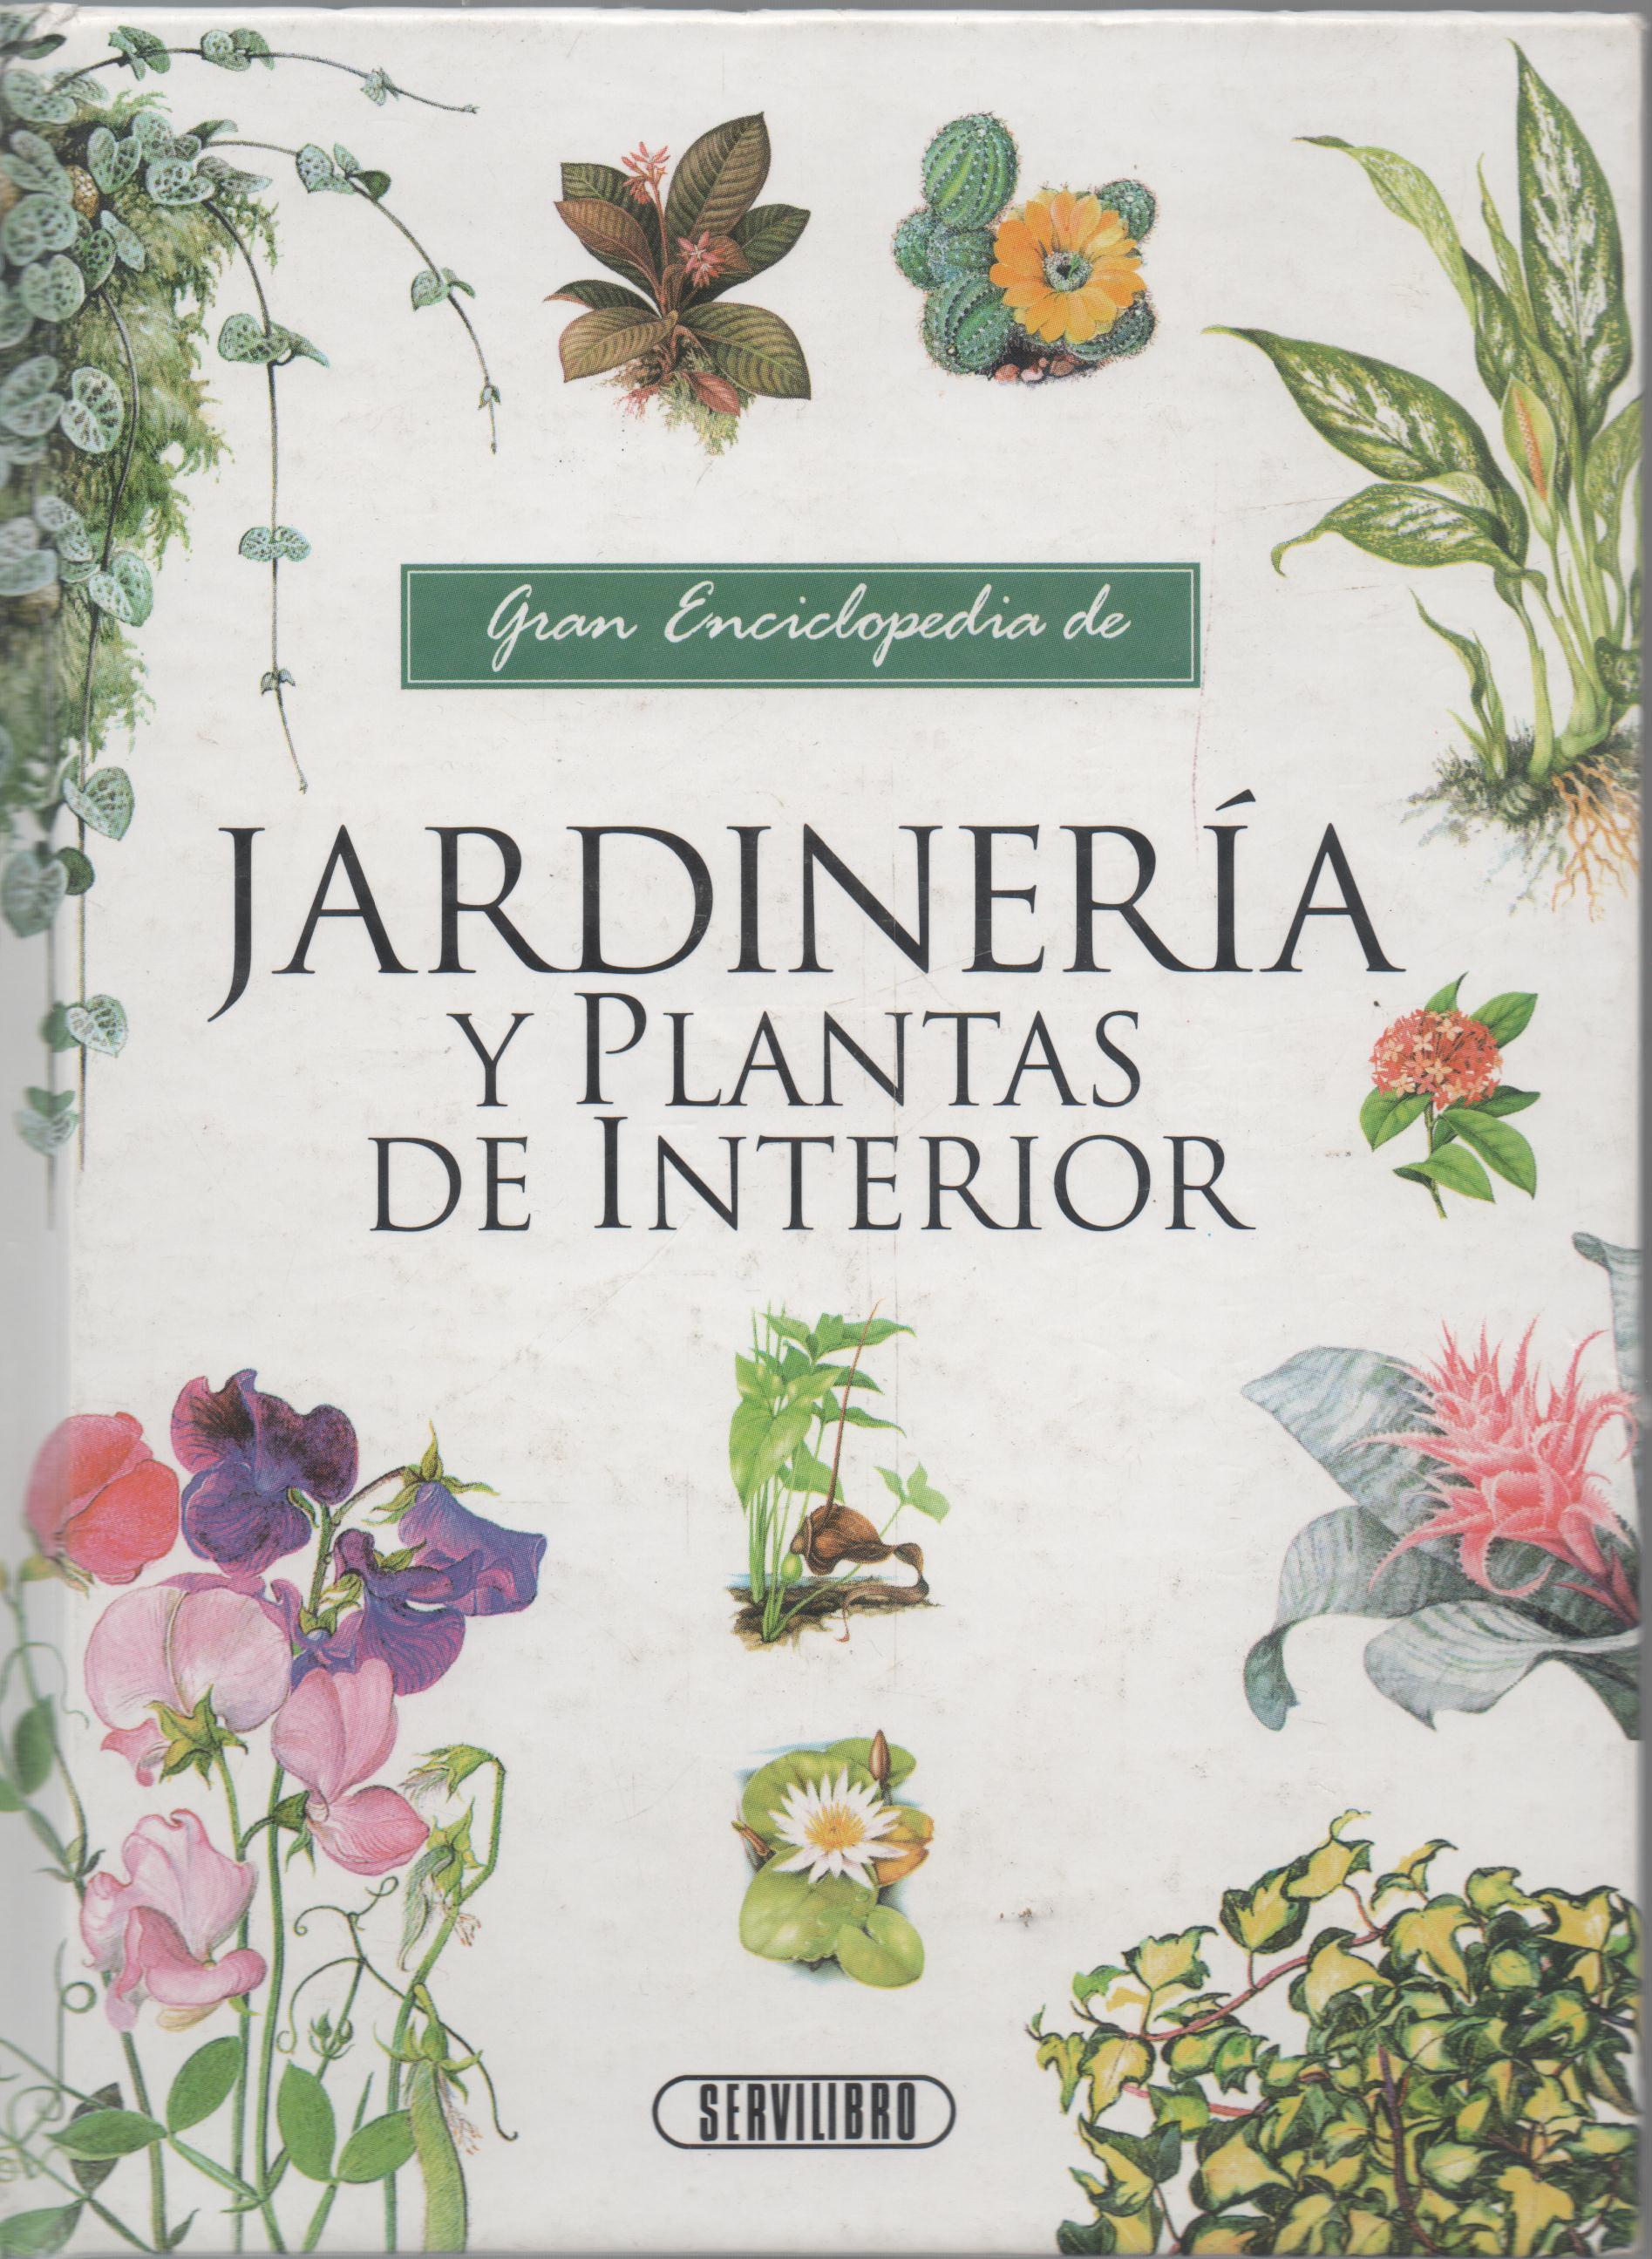 Jardiner a y plantas de interior comprar - Comprar plantas de interior ...